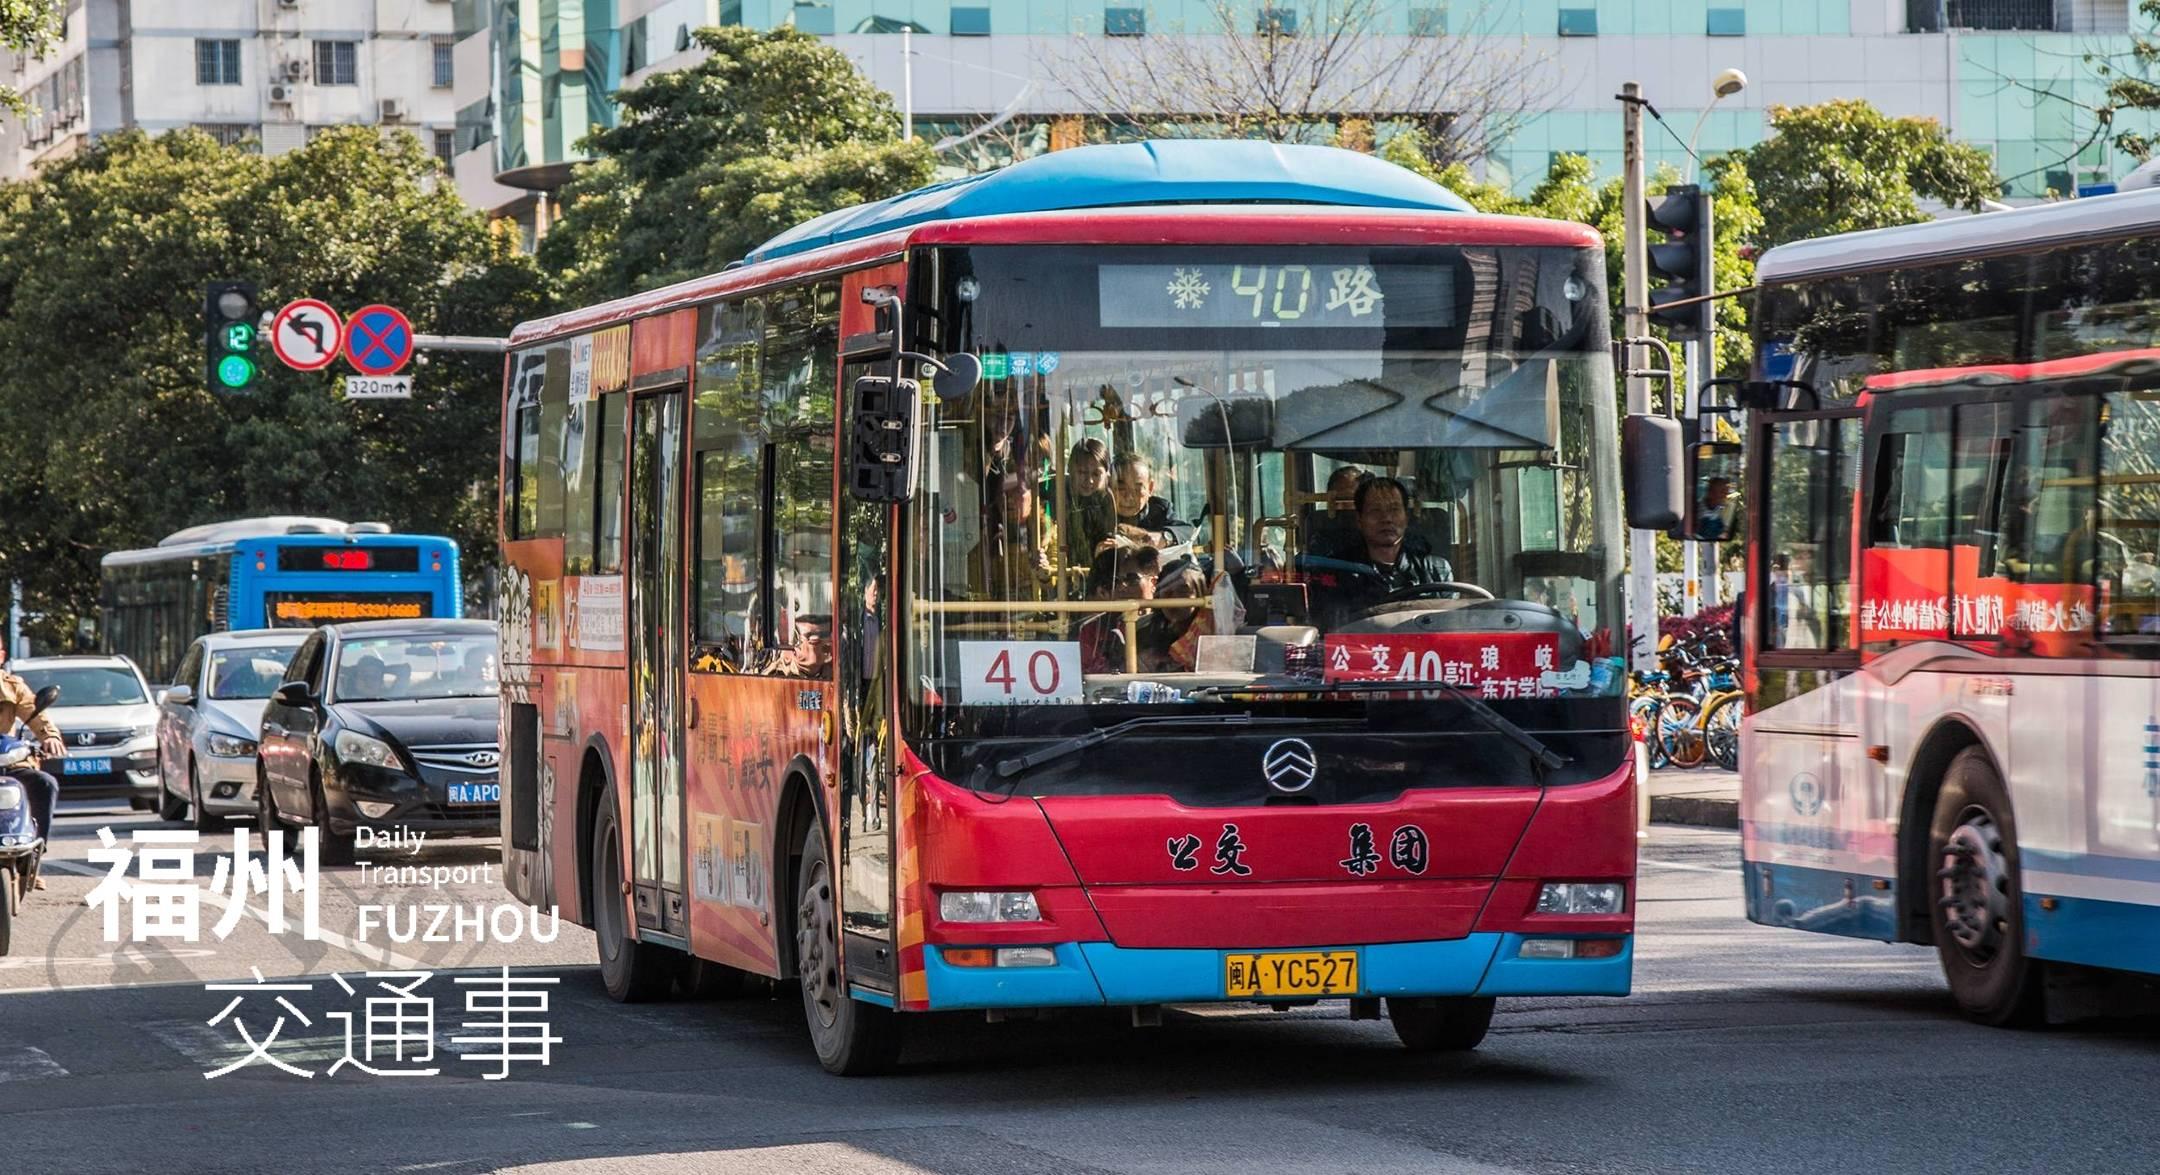 闽AYC527.jpg